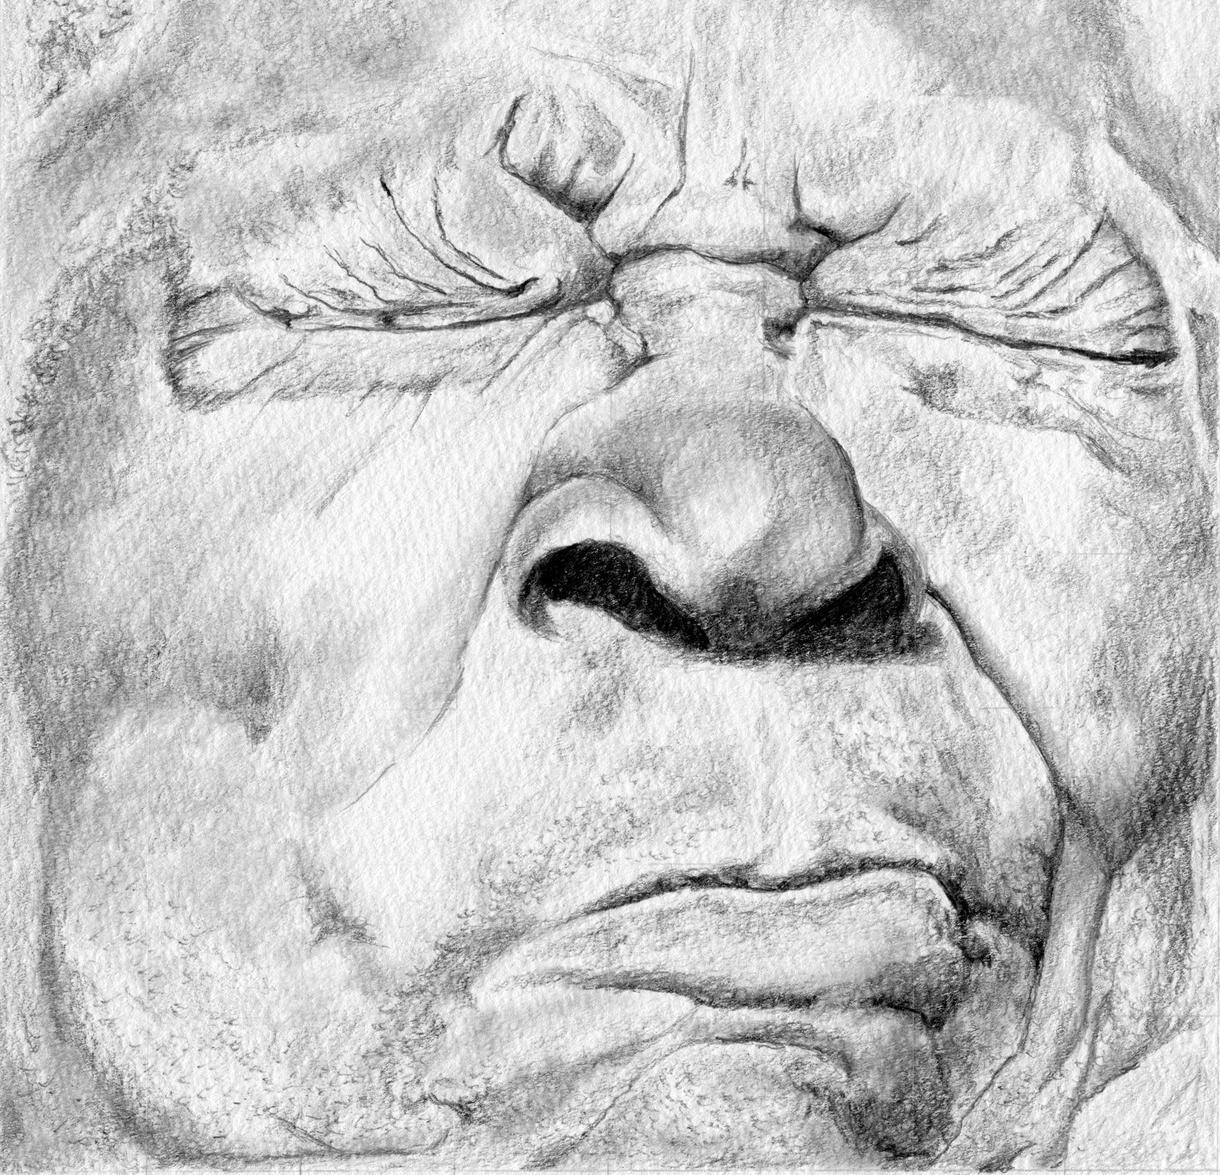 心を込めてリアルな似顔絵描きます 暖かみのあるだけでなくカッコイイ鉛筆画もお任せ下さい!!